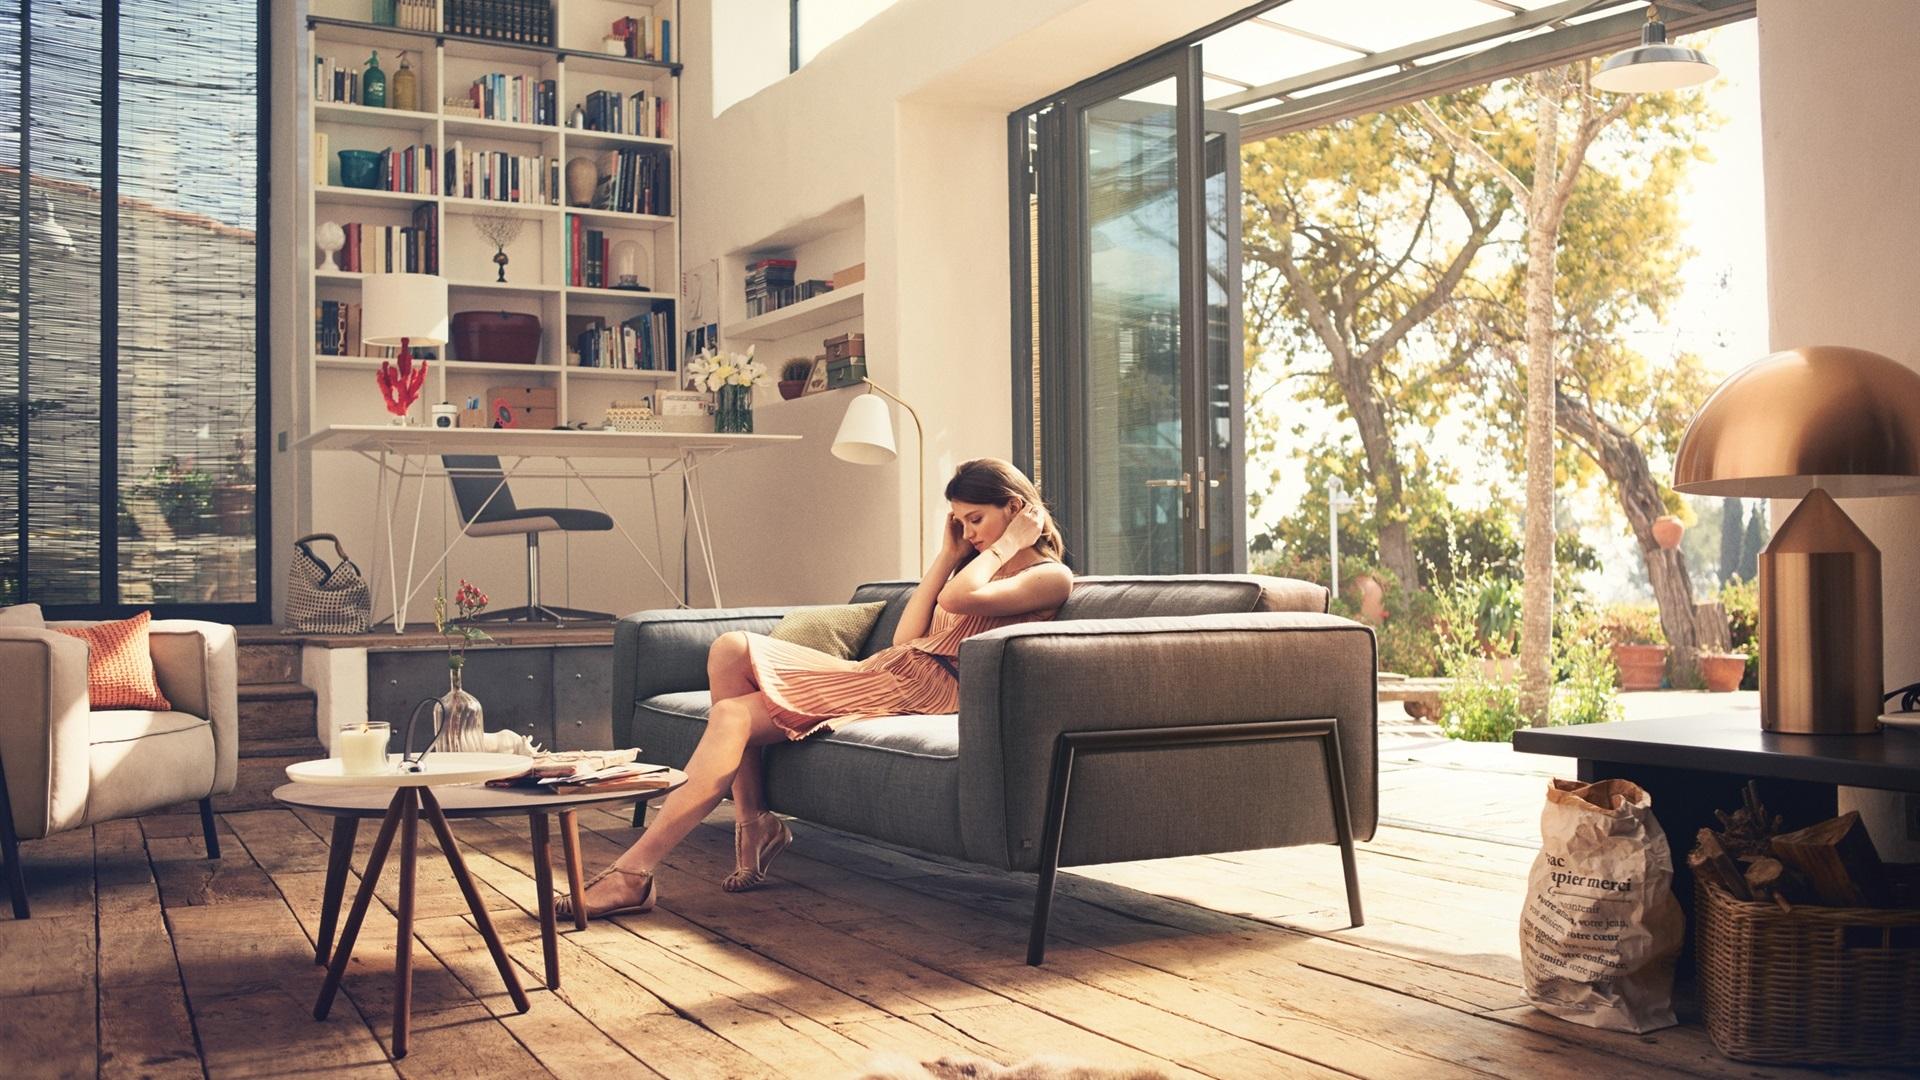 Interior design, girl, home, furniture wallpaper 1920x1080 f.